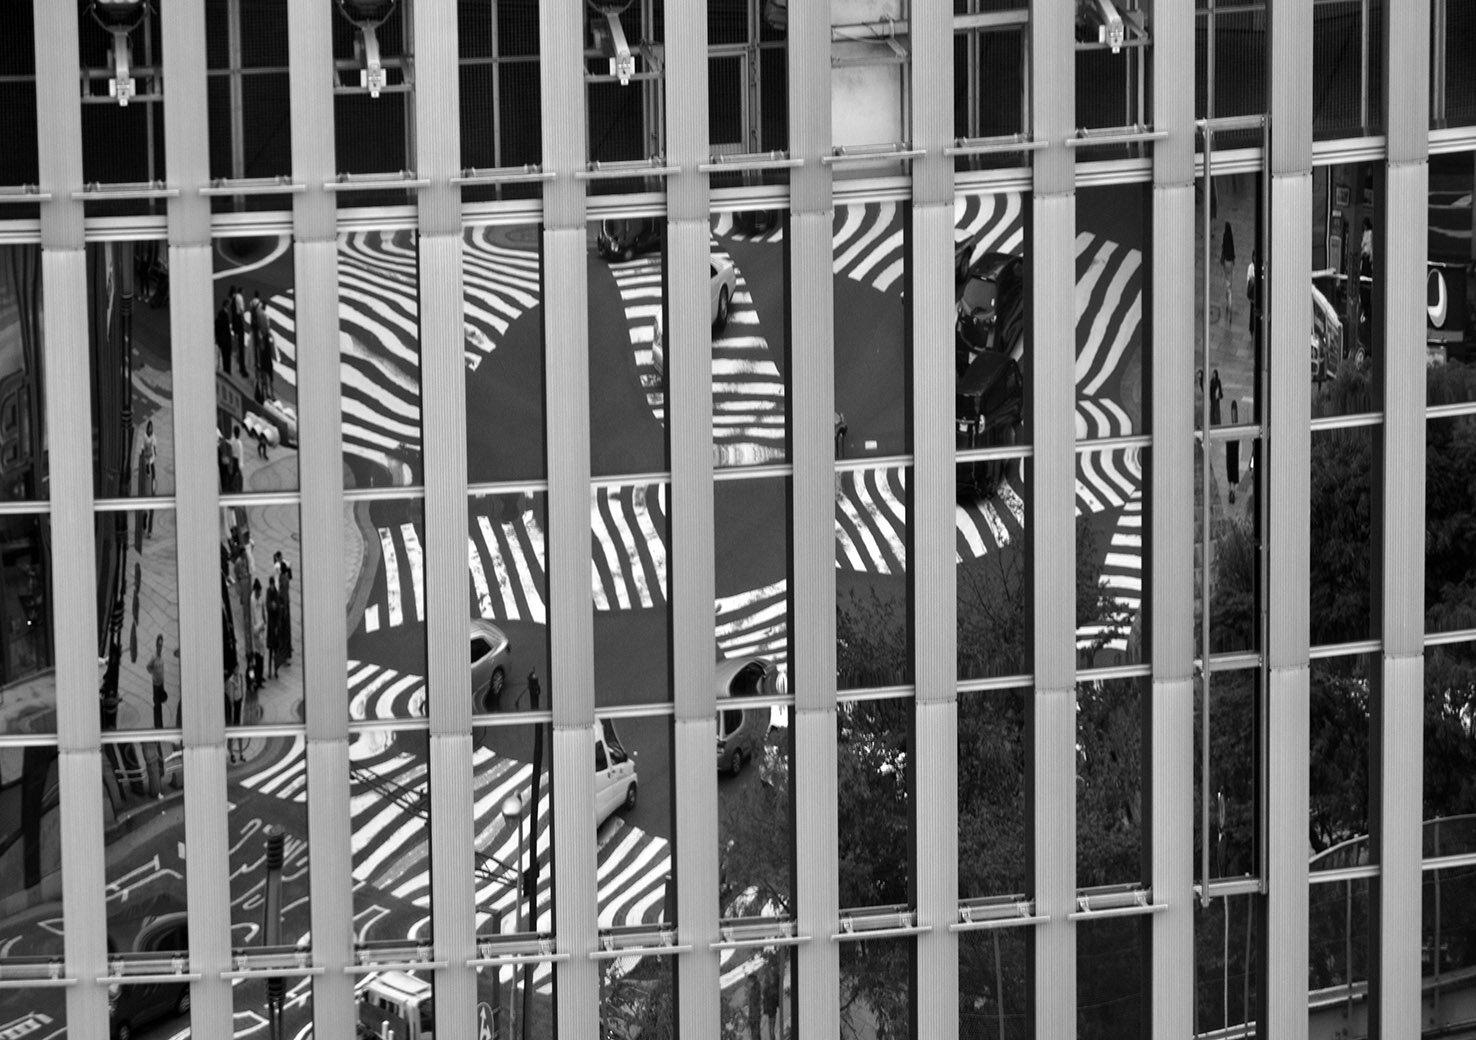 オーダーメードの写真撮影ツアー:新たな視点で東京を見つめる